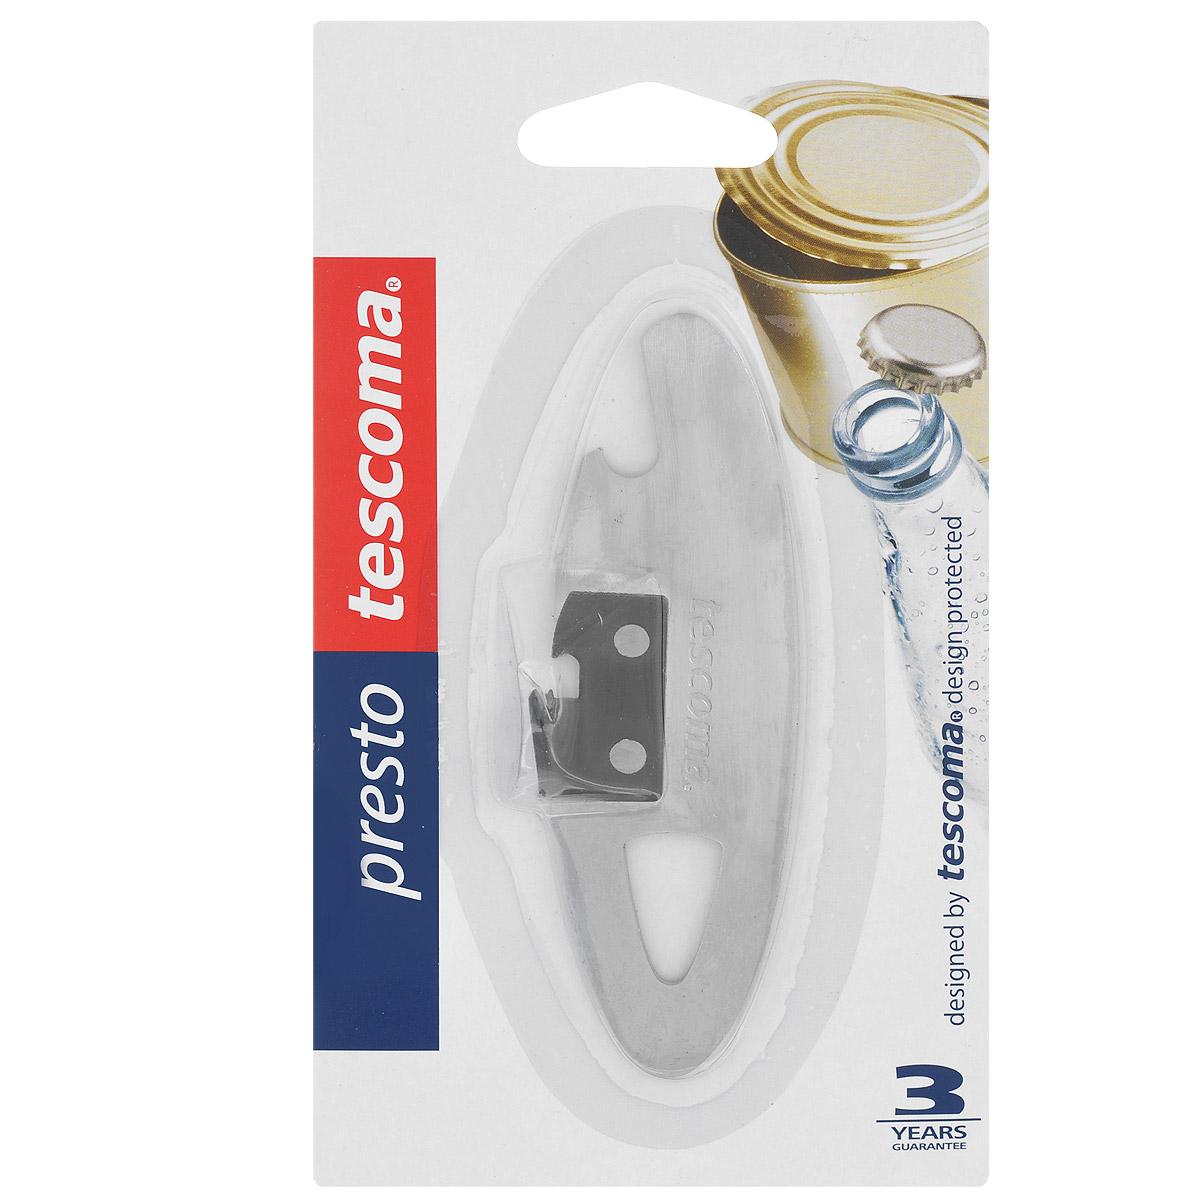 Нож консервный Tescoma Presto, компактный, длина 10,5 см420216Консервный нож Tescoma Presto выполнен из высококачественной нержавеющей стали 18/10. С помощью этого компактного консервного ножа вы сможете без приложения усилий со своей стороны открыть любую жестяную консервную банку. Консервный нож Tescoma Presto займет достойное место среди аксессуаров на вашей кухне. Оригинальный дизайн и качество исполнения не оставят равнодушными ни тех, кто любит готовить, ни опытных профессионалов-поваров. Общая длина ножа: 10,5 см.Компактный консервный нож Tescoma изготовлен из нержавеющей стали. Предназначен для удобного открывания консервов. Так же нож прекрасно подойдет для открывания бутылок с кронен-пробками.